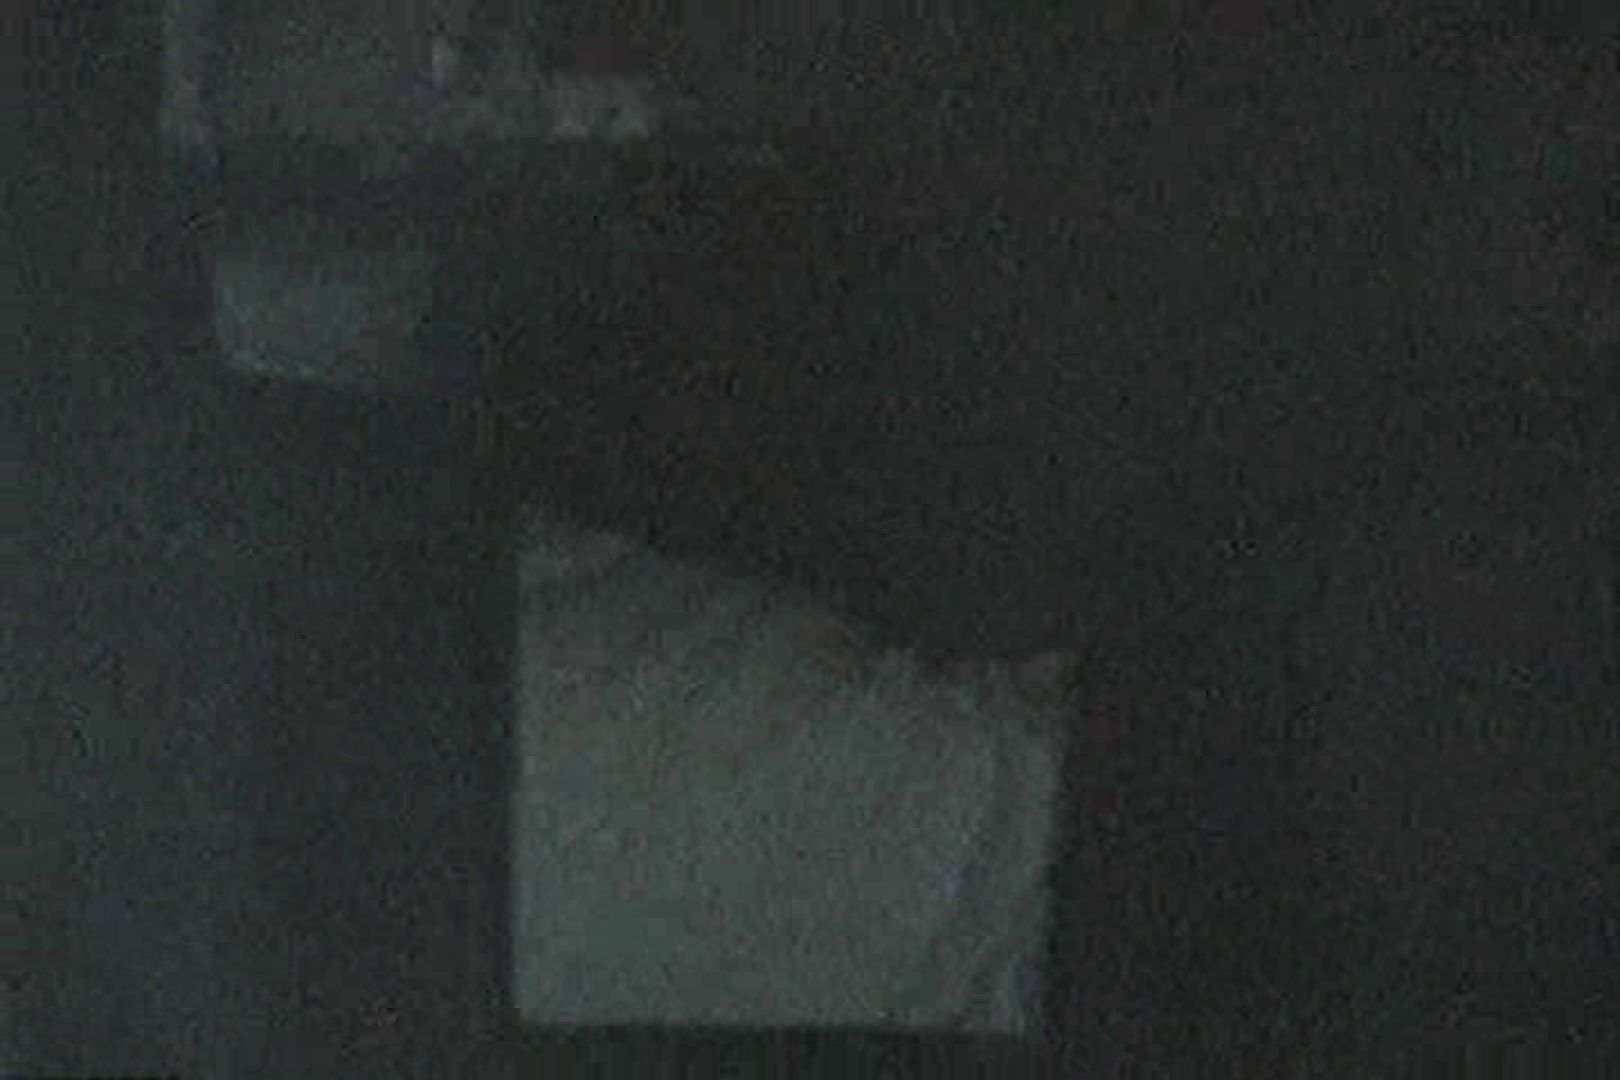 充血監督の深夜の運動会Vol.123 エッチなセックス アダルト動画キャプチャ 107画像 59